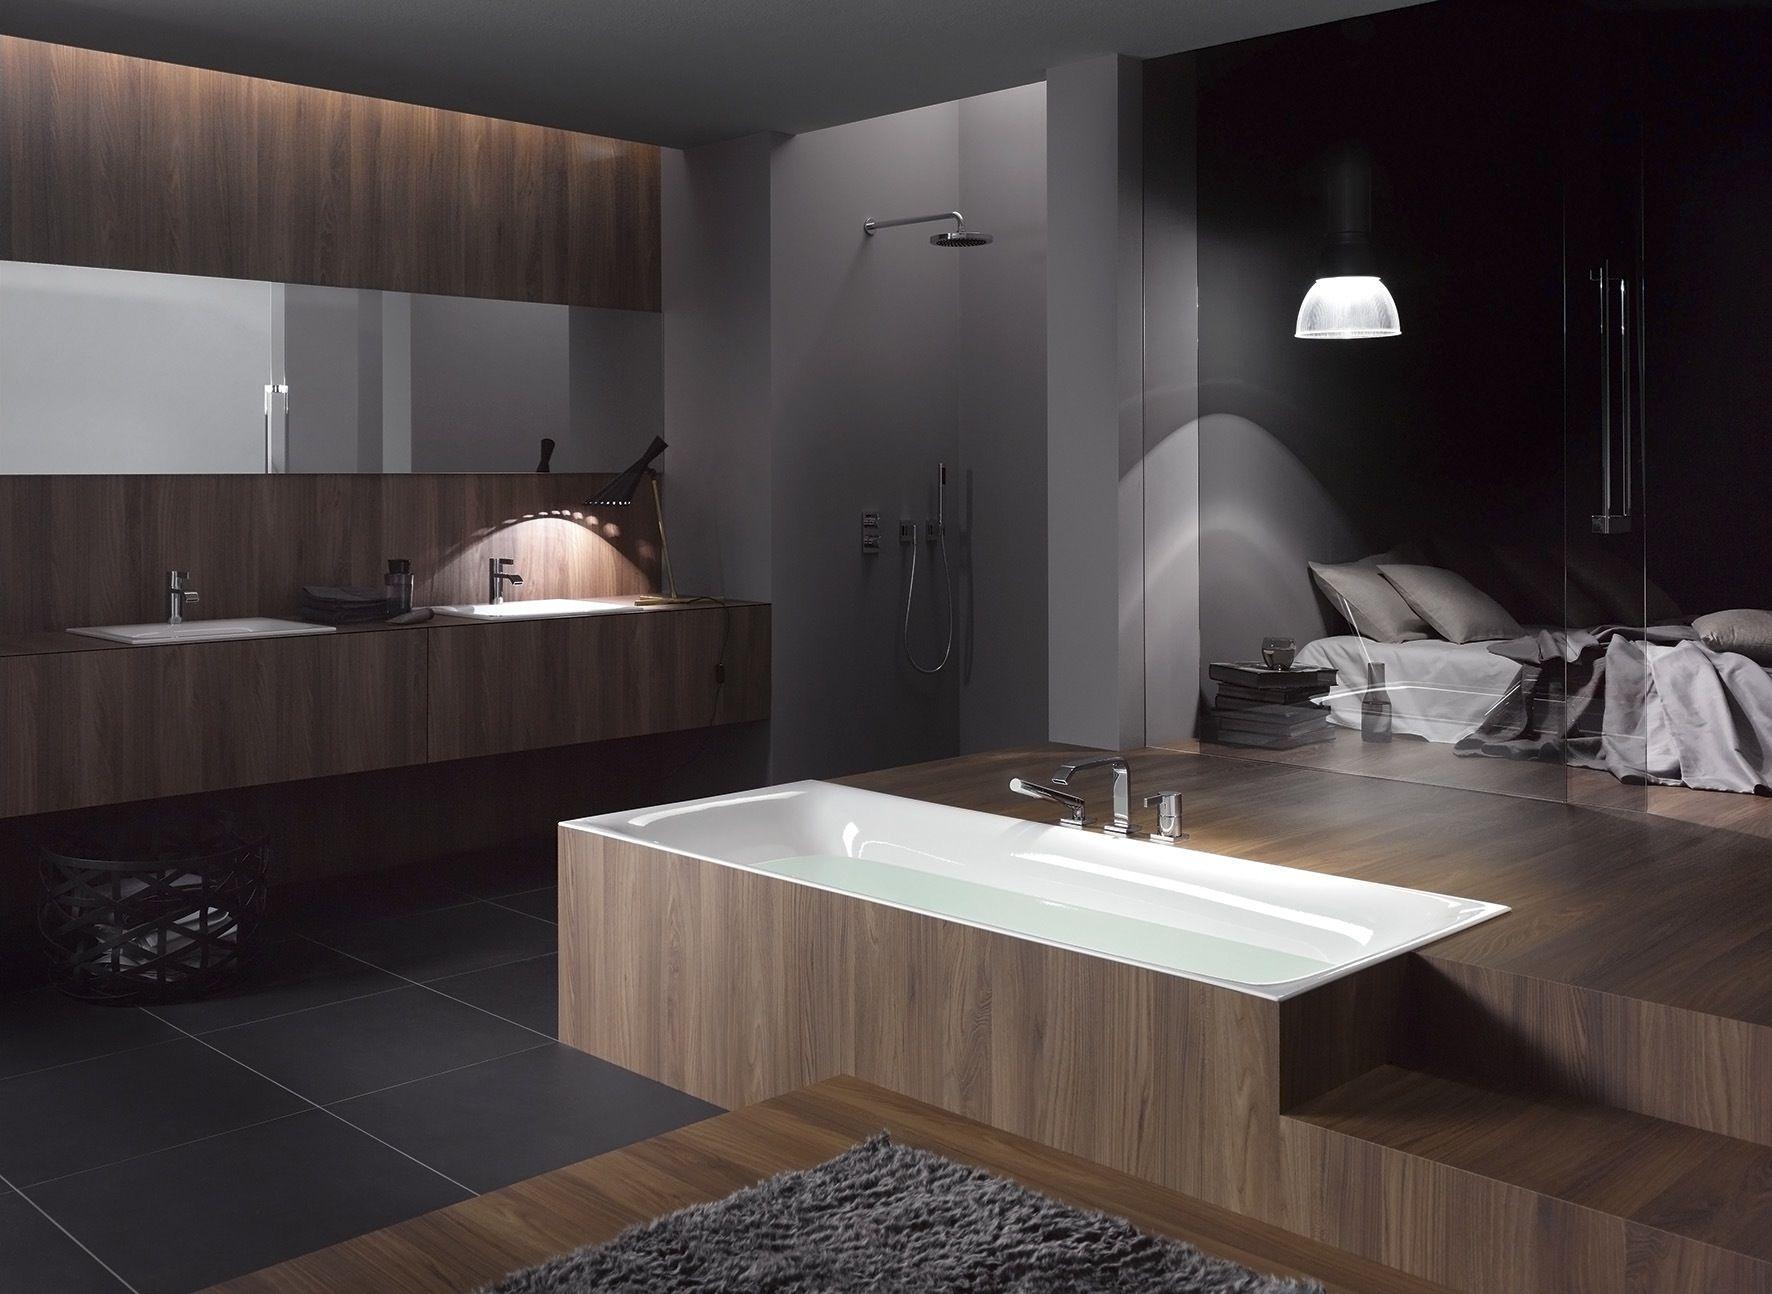 Badkamer en slaapkamer in één ruimte. Verzonken bad BetteLux van ...